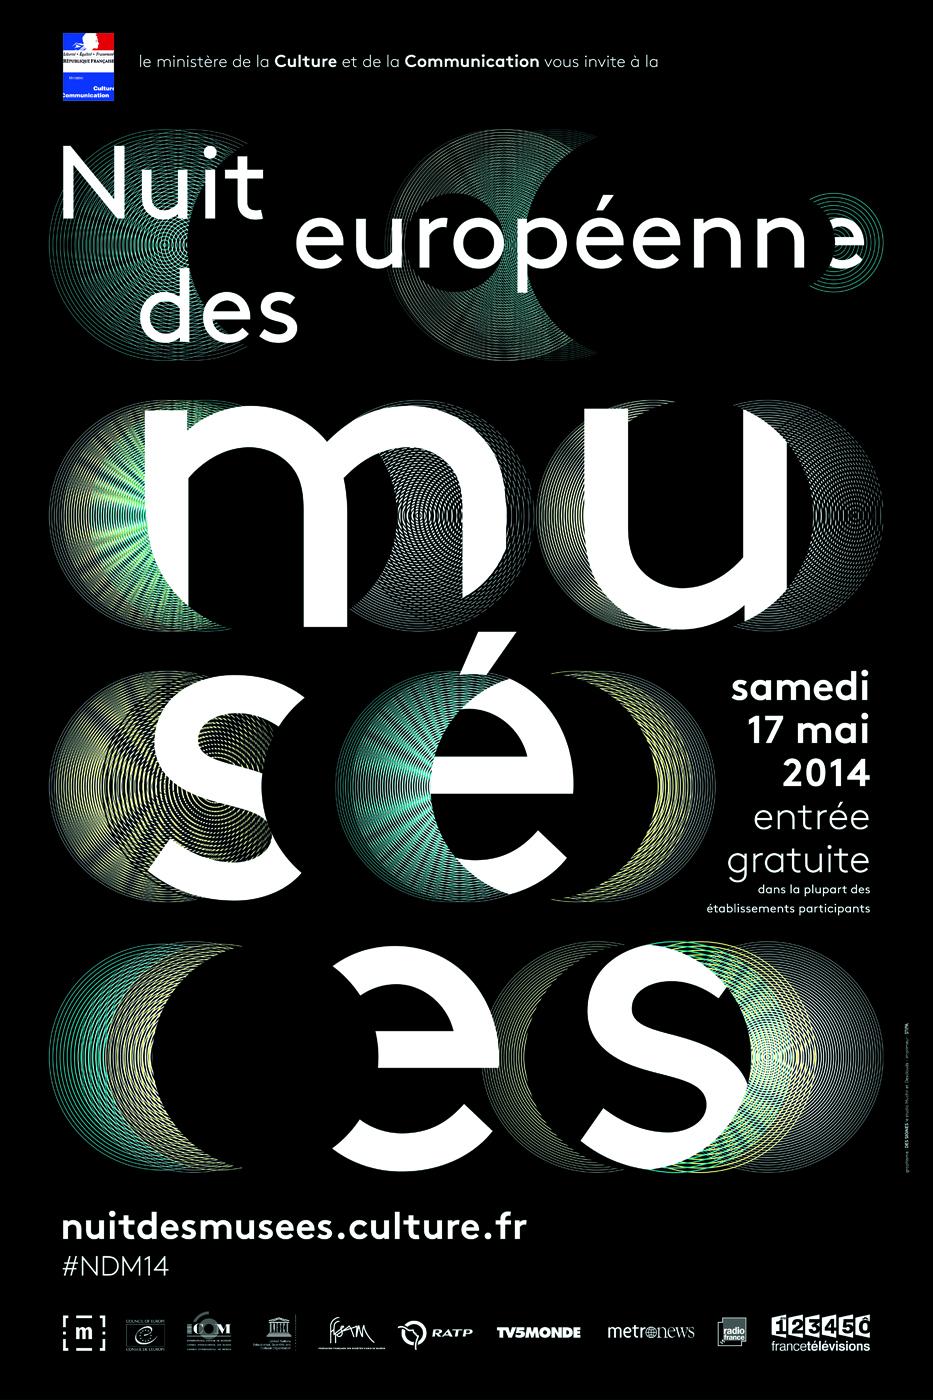 Nuit des musees 2014